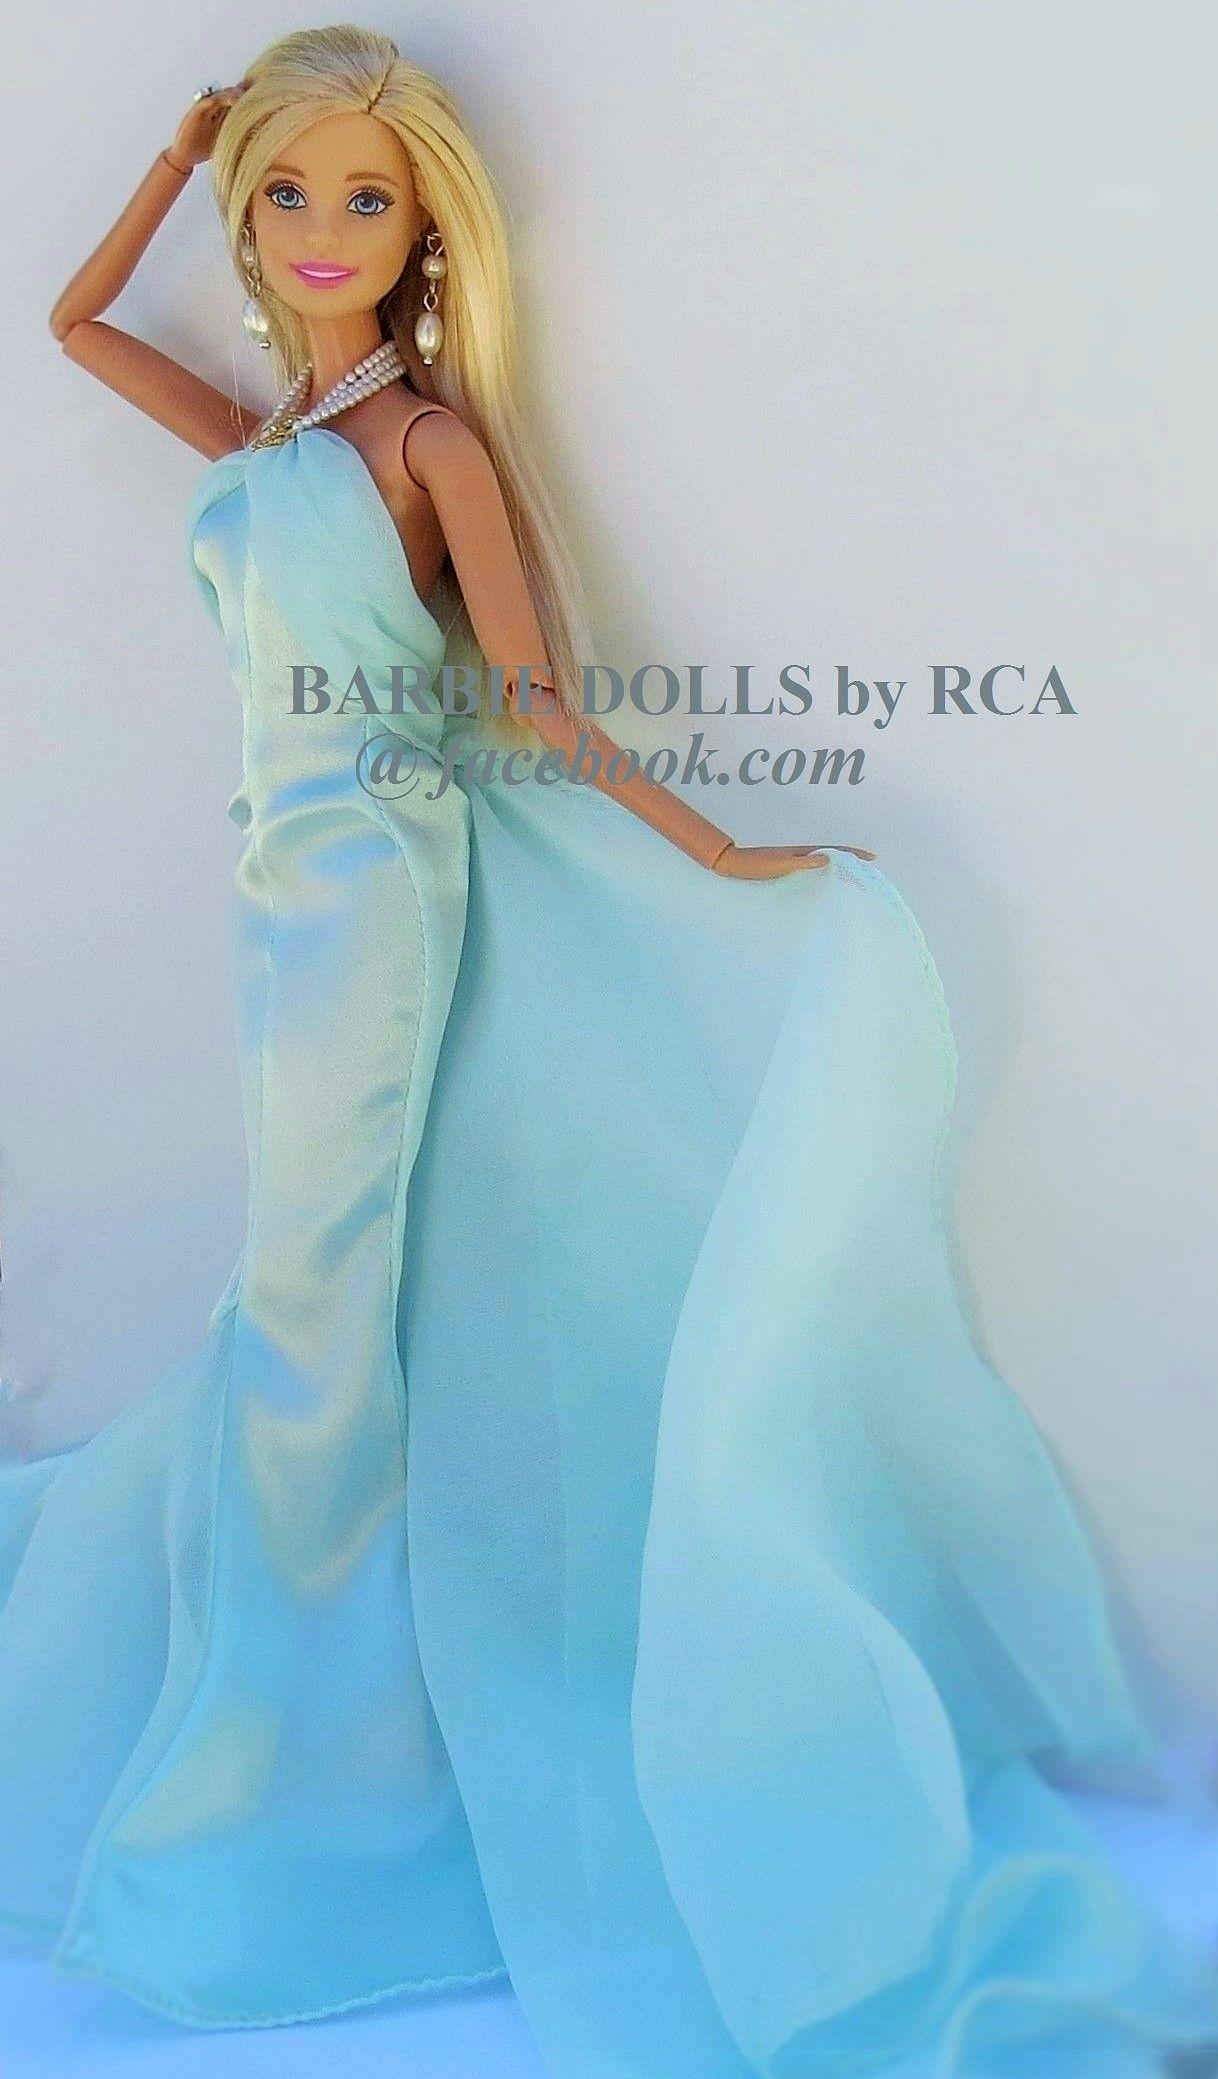 12.22.3 Barbie dolls by RCA | barbie | Pinterest | Barbie, Muñecas y ...